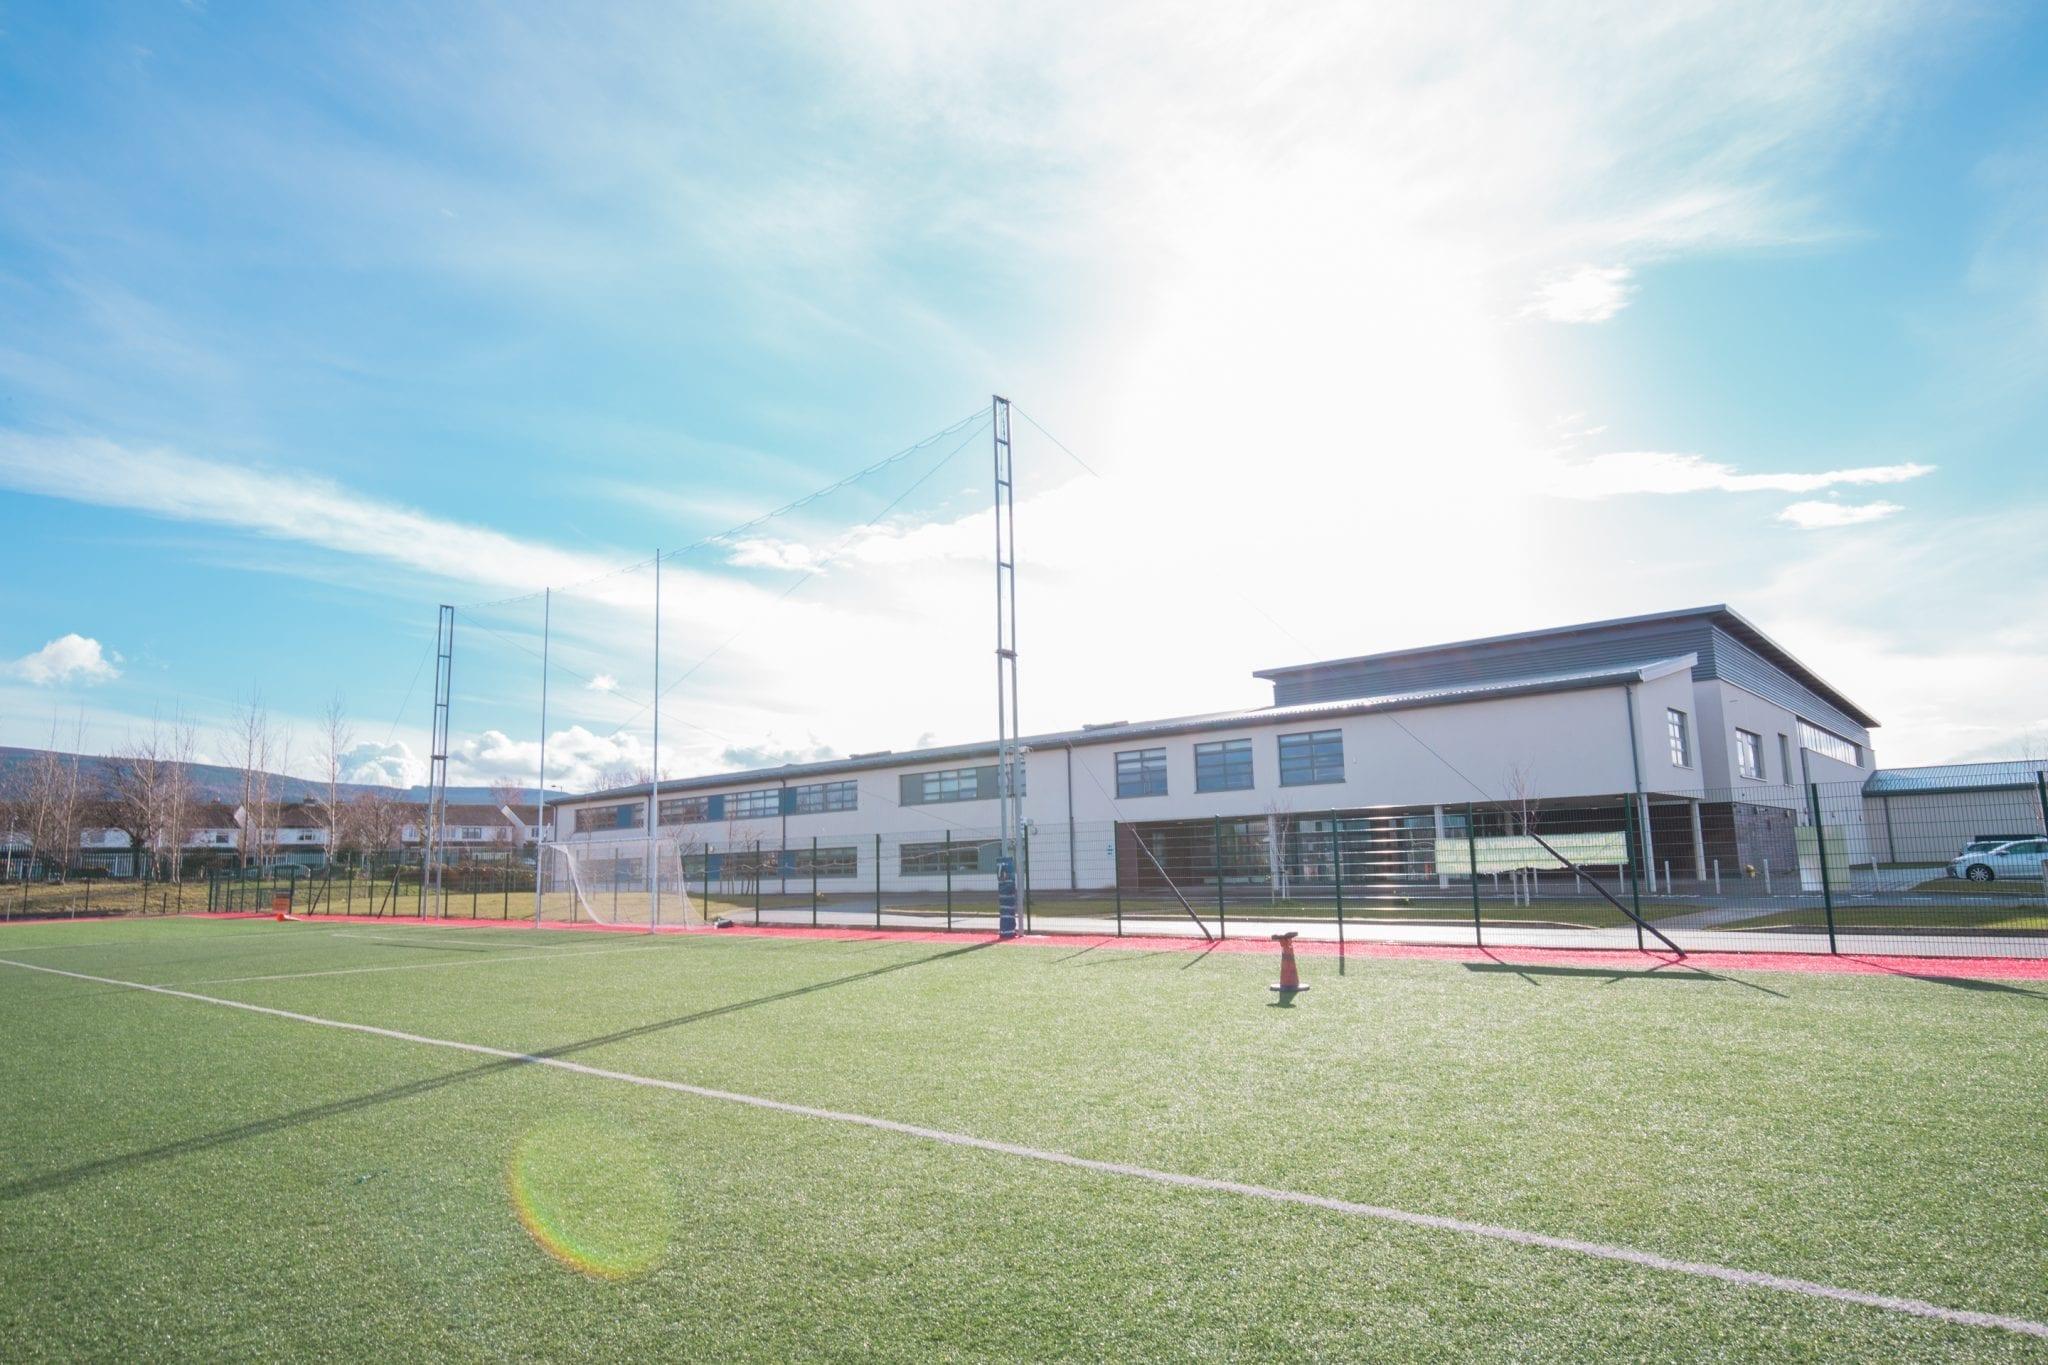 """Colegio público en Irlanda """"Ballinteer Community School"""""""